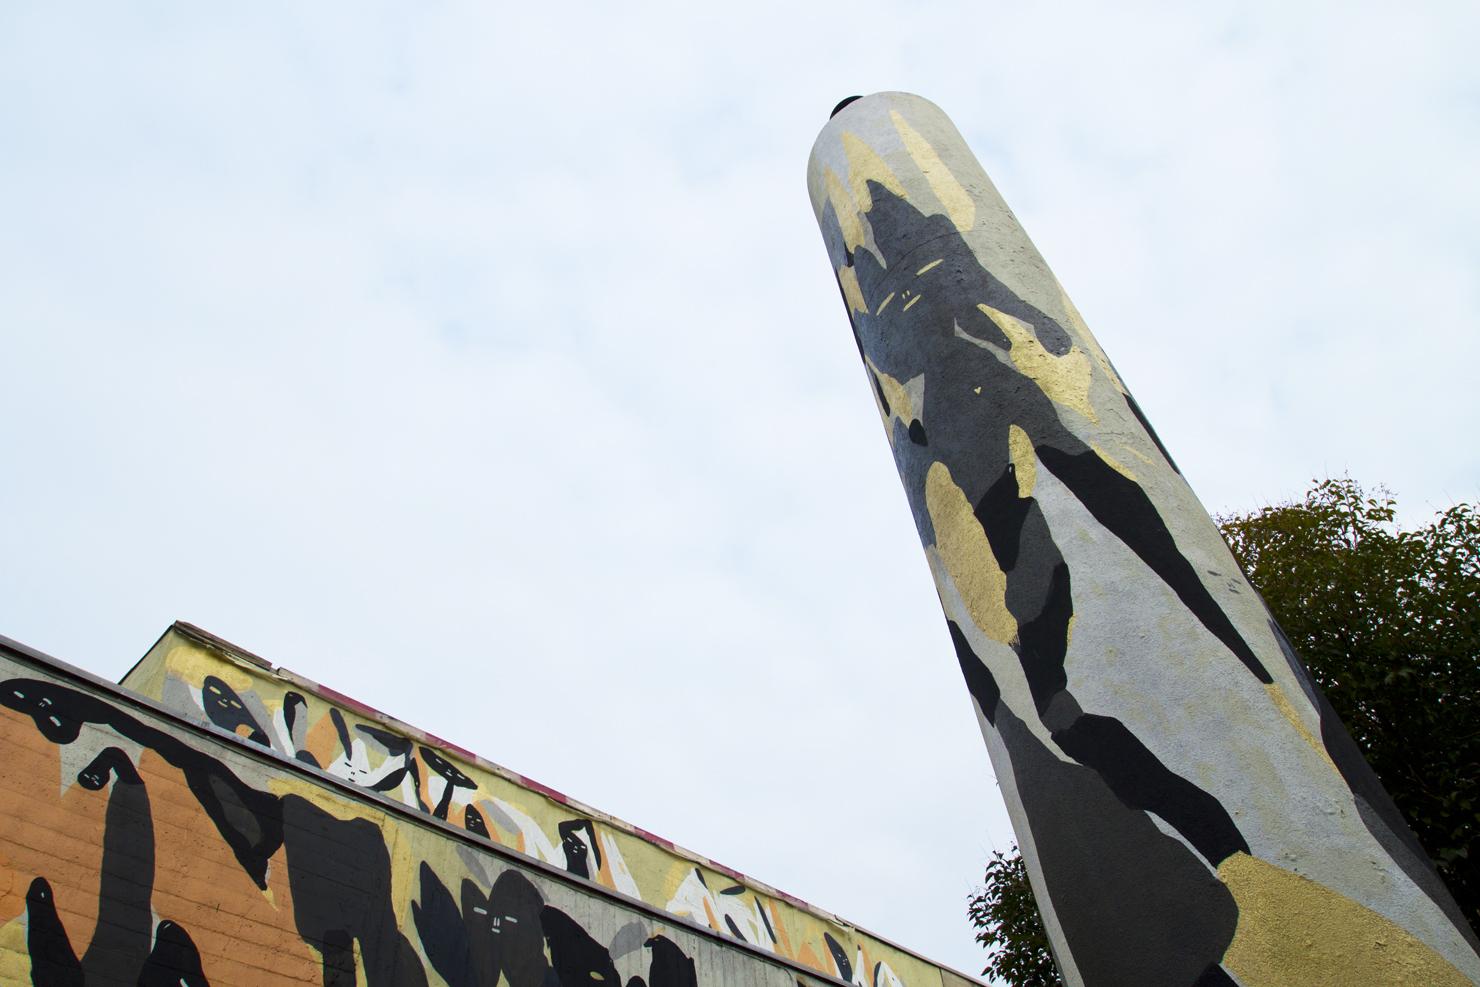 giorgio-bartocci-new-mural-in-monza-10